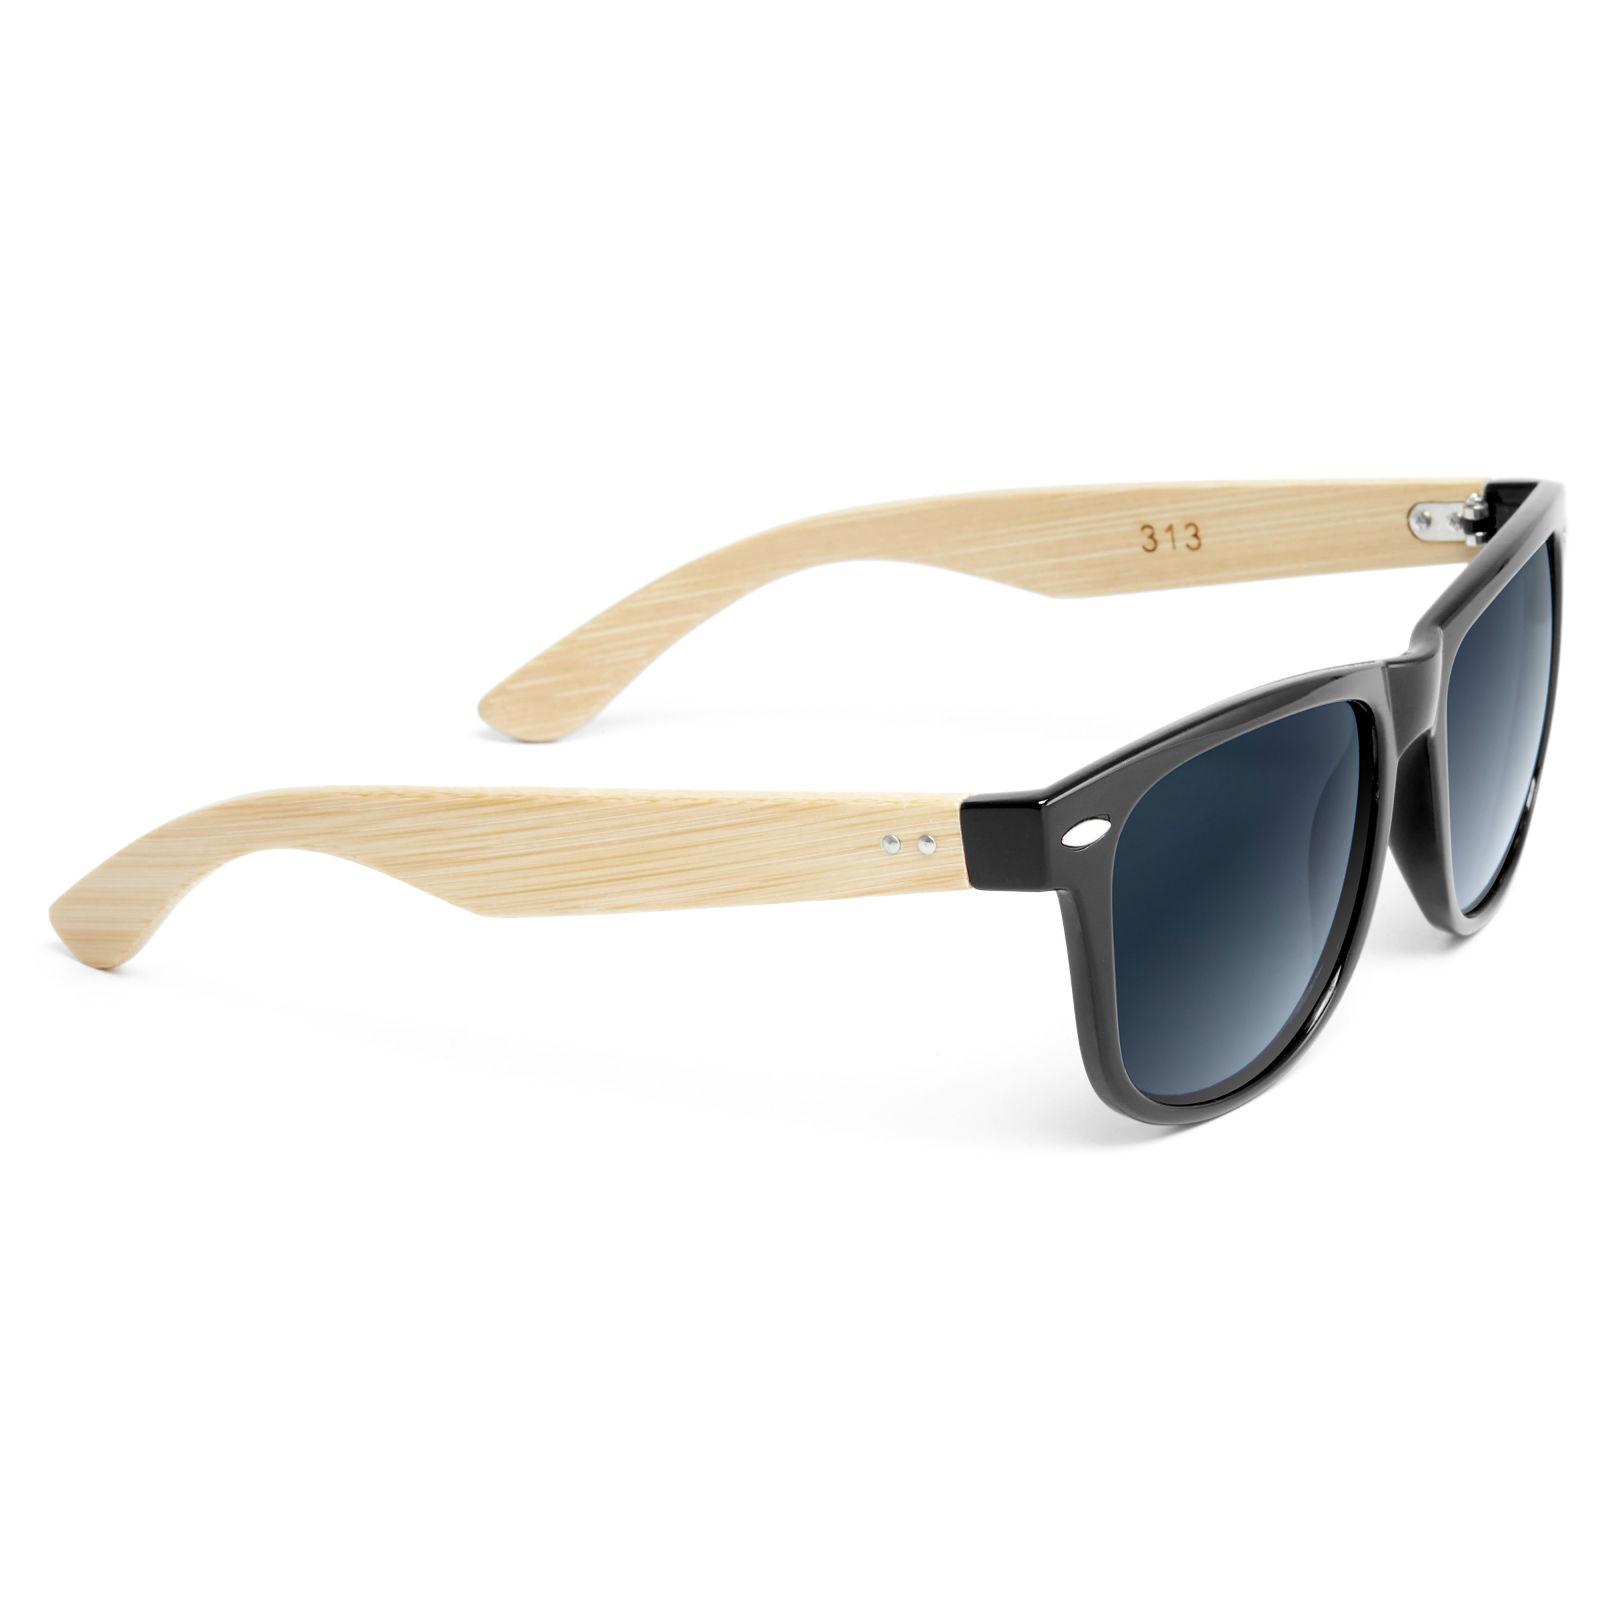 Μαύρα Γυαλιά Ηλίου Wood Smoke  80498ac562a